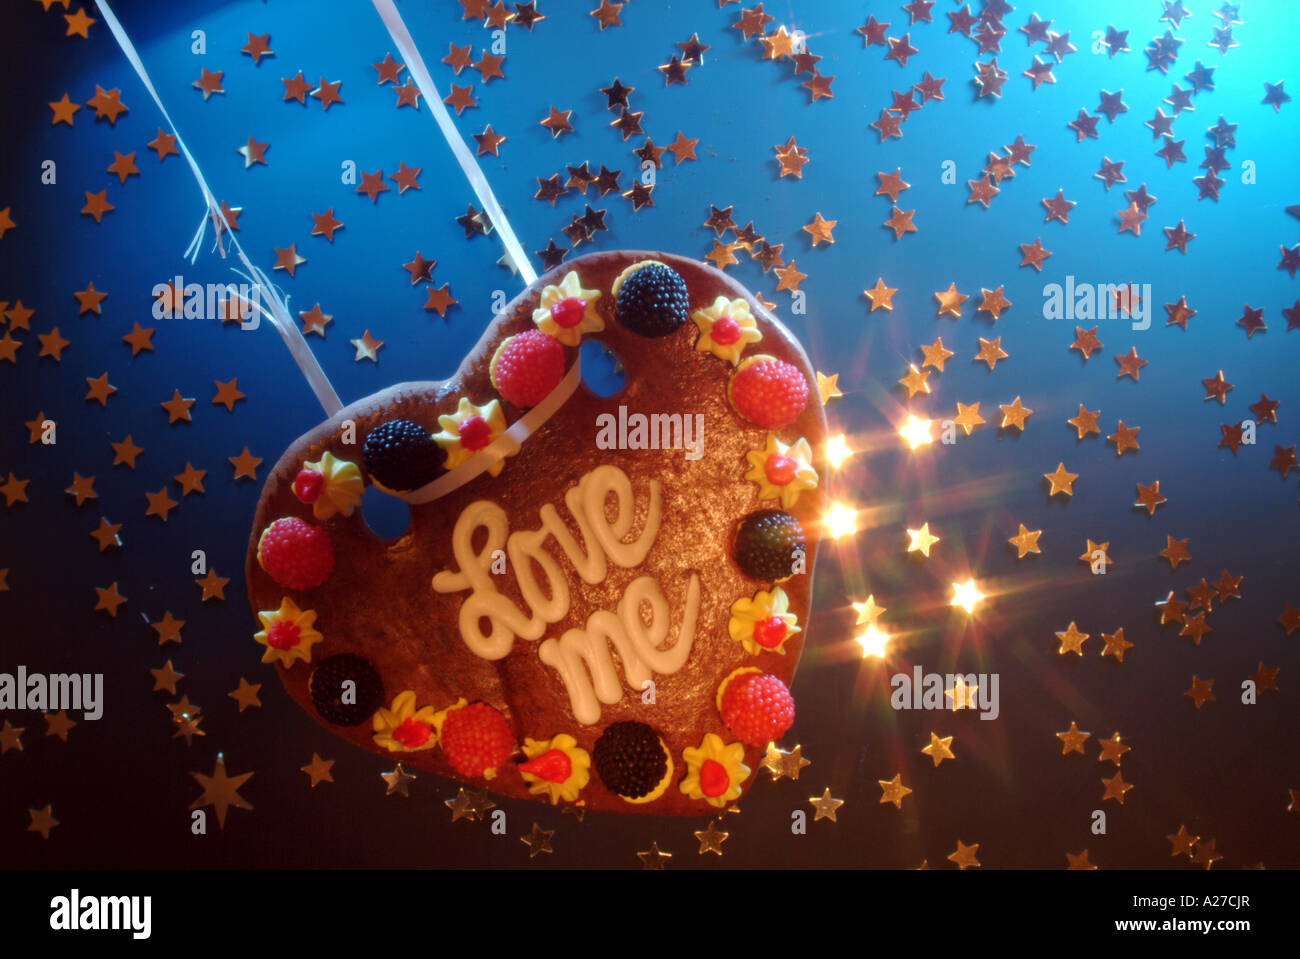 Amor corazón de Honey Cake balanceo sobre una cuerda rota en las estrellas Imagen De Stock